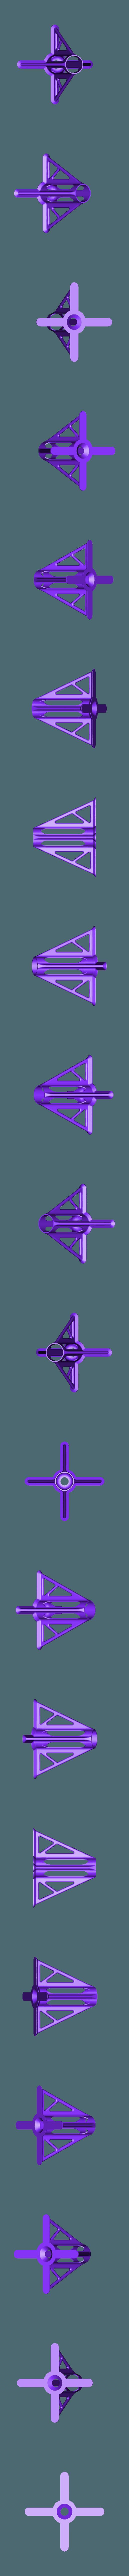 Bubble_Stick_Stand.stl Télécharger fichier STL gratuit Stand de bâtons à bulles • Plan pour impression 3D, Nacelle